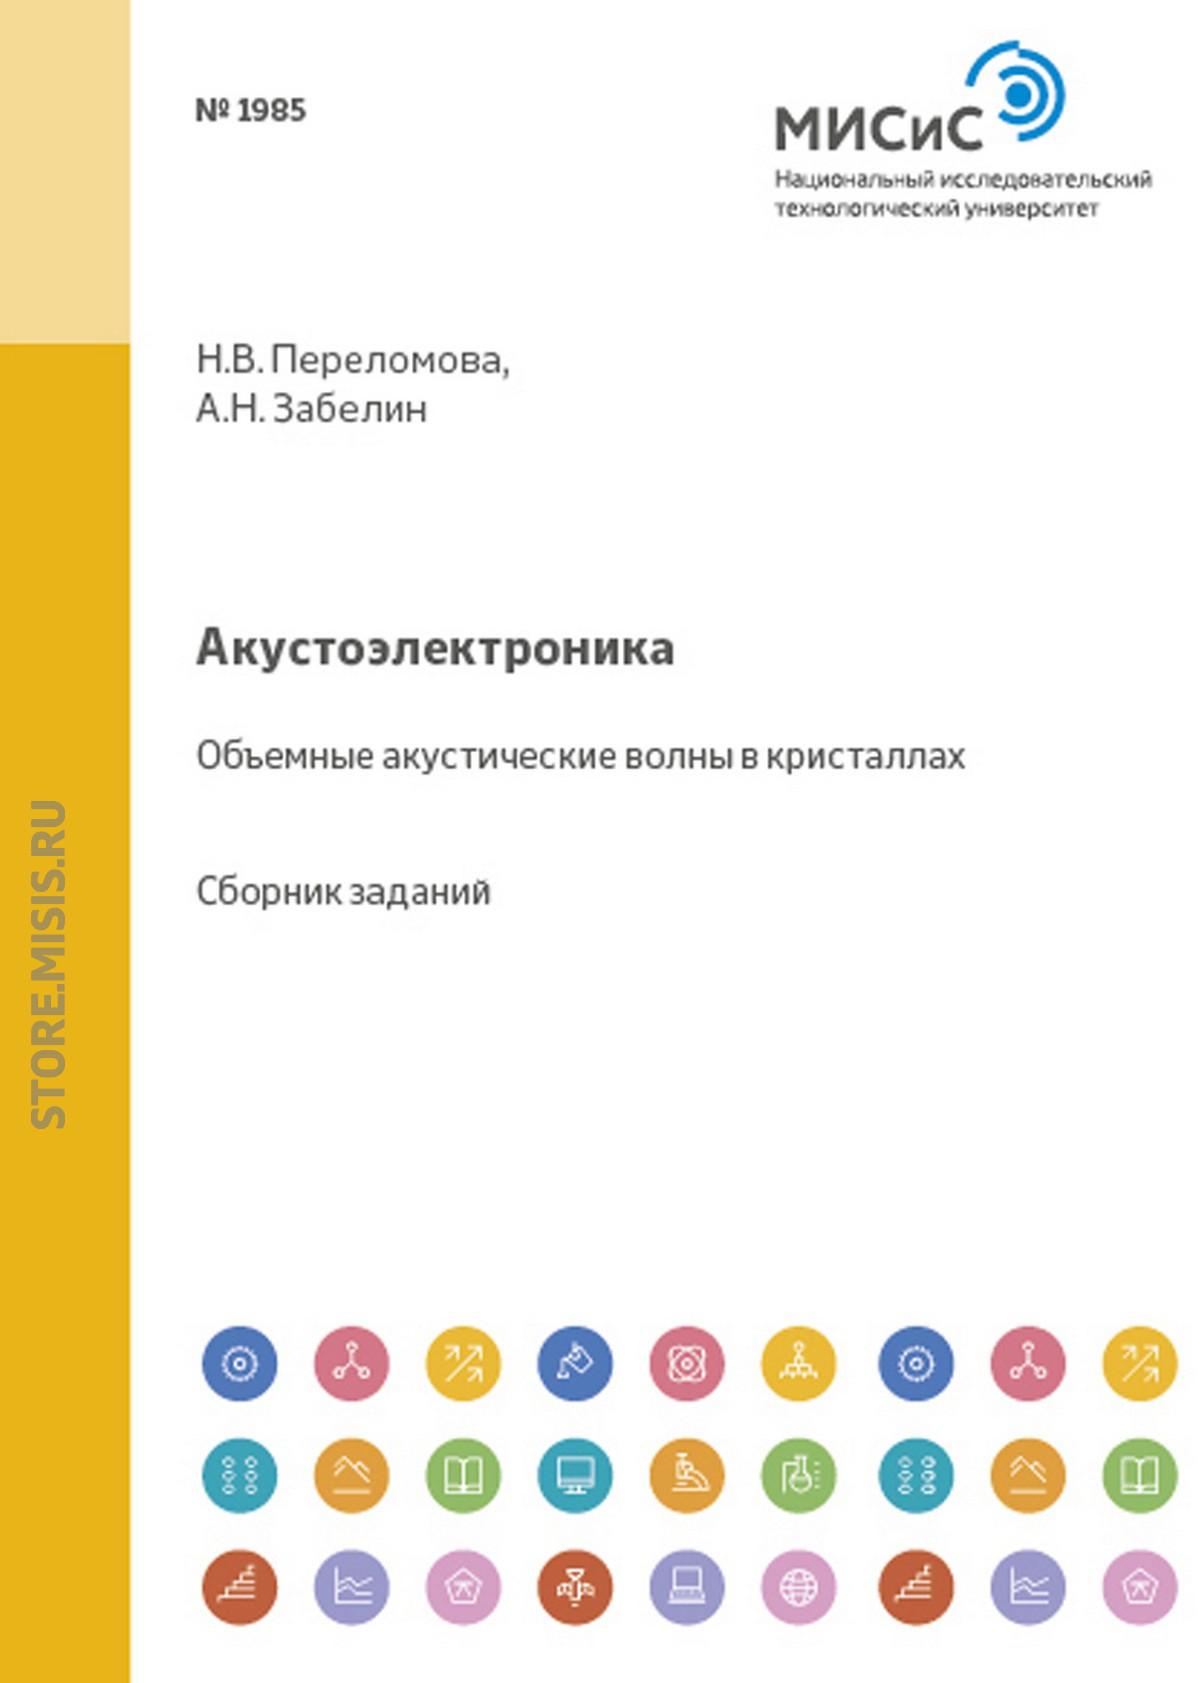 Алексей Забелин Акустоэлектроника. Объемные лны в кристаллах